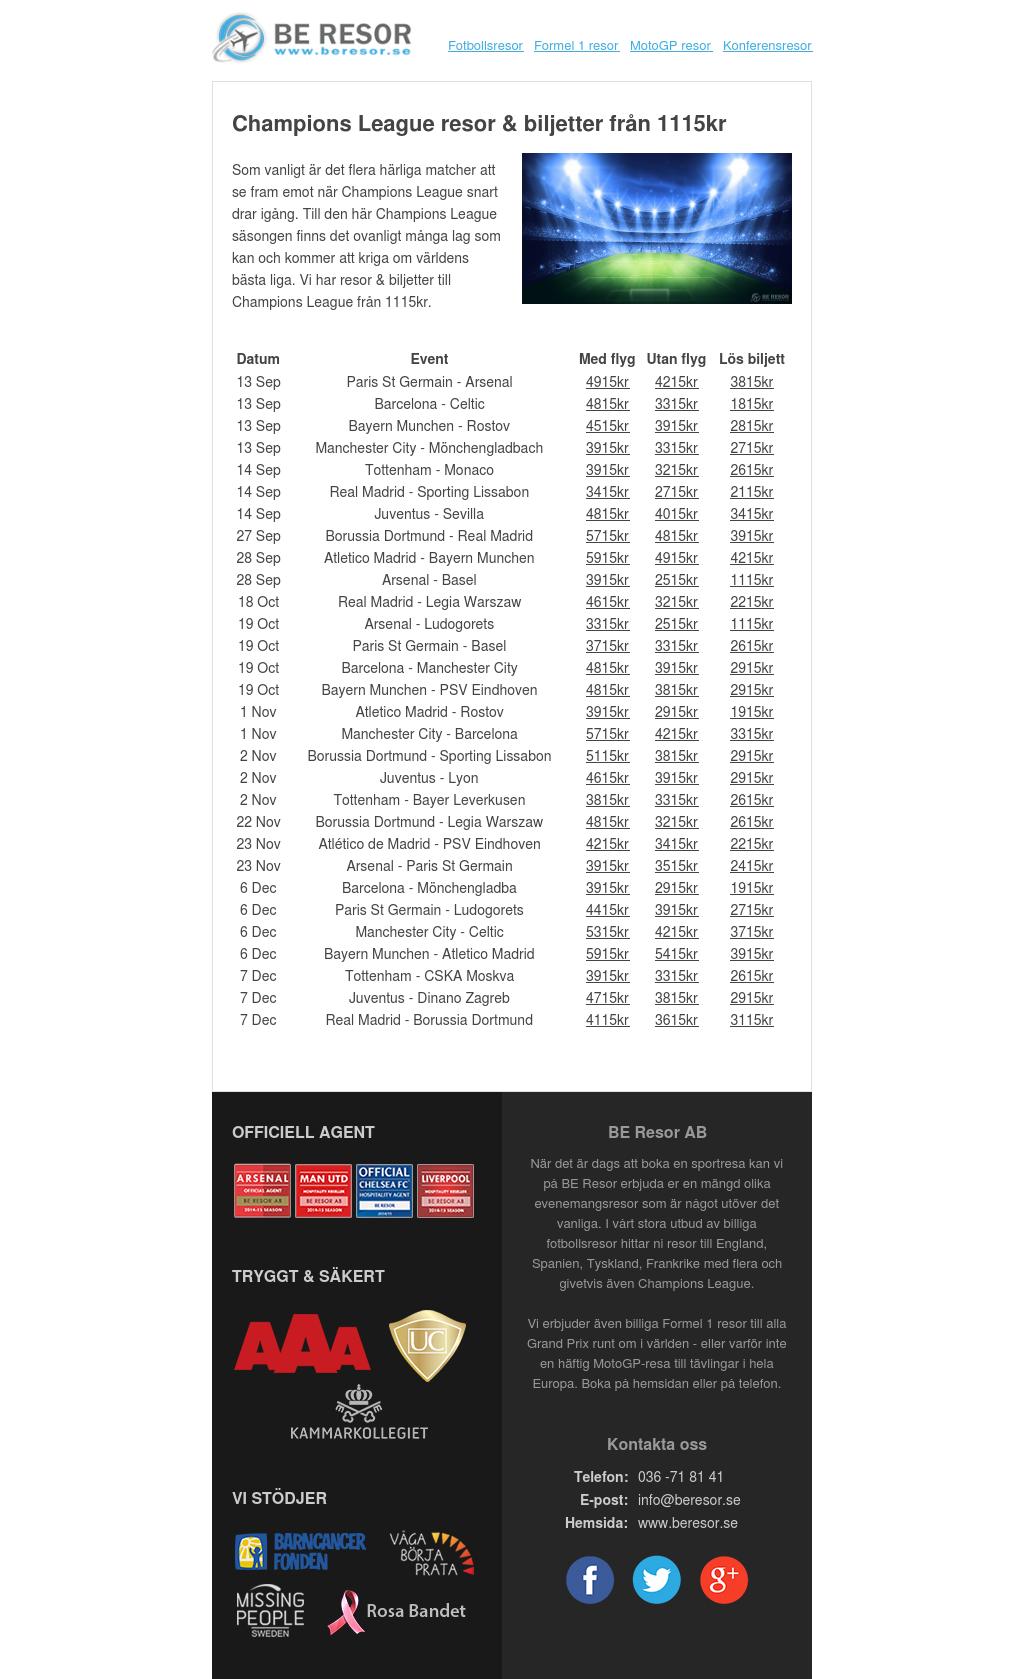 Champions League resor & biljetter från 1115kr